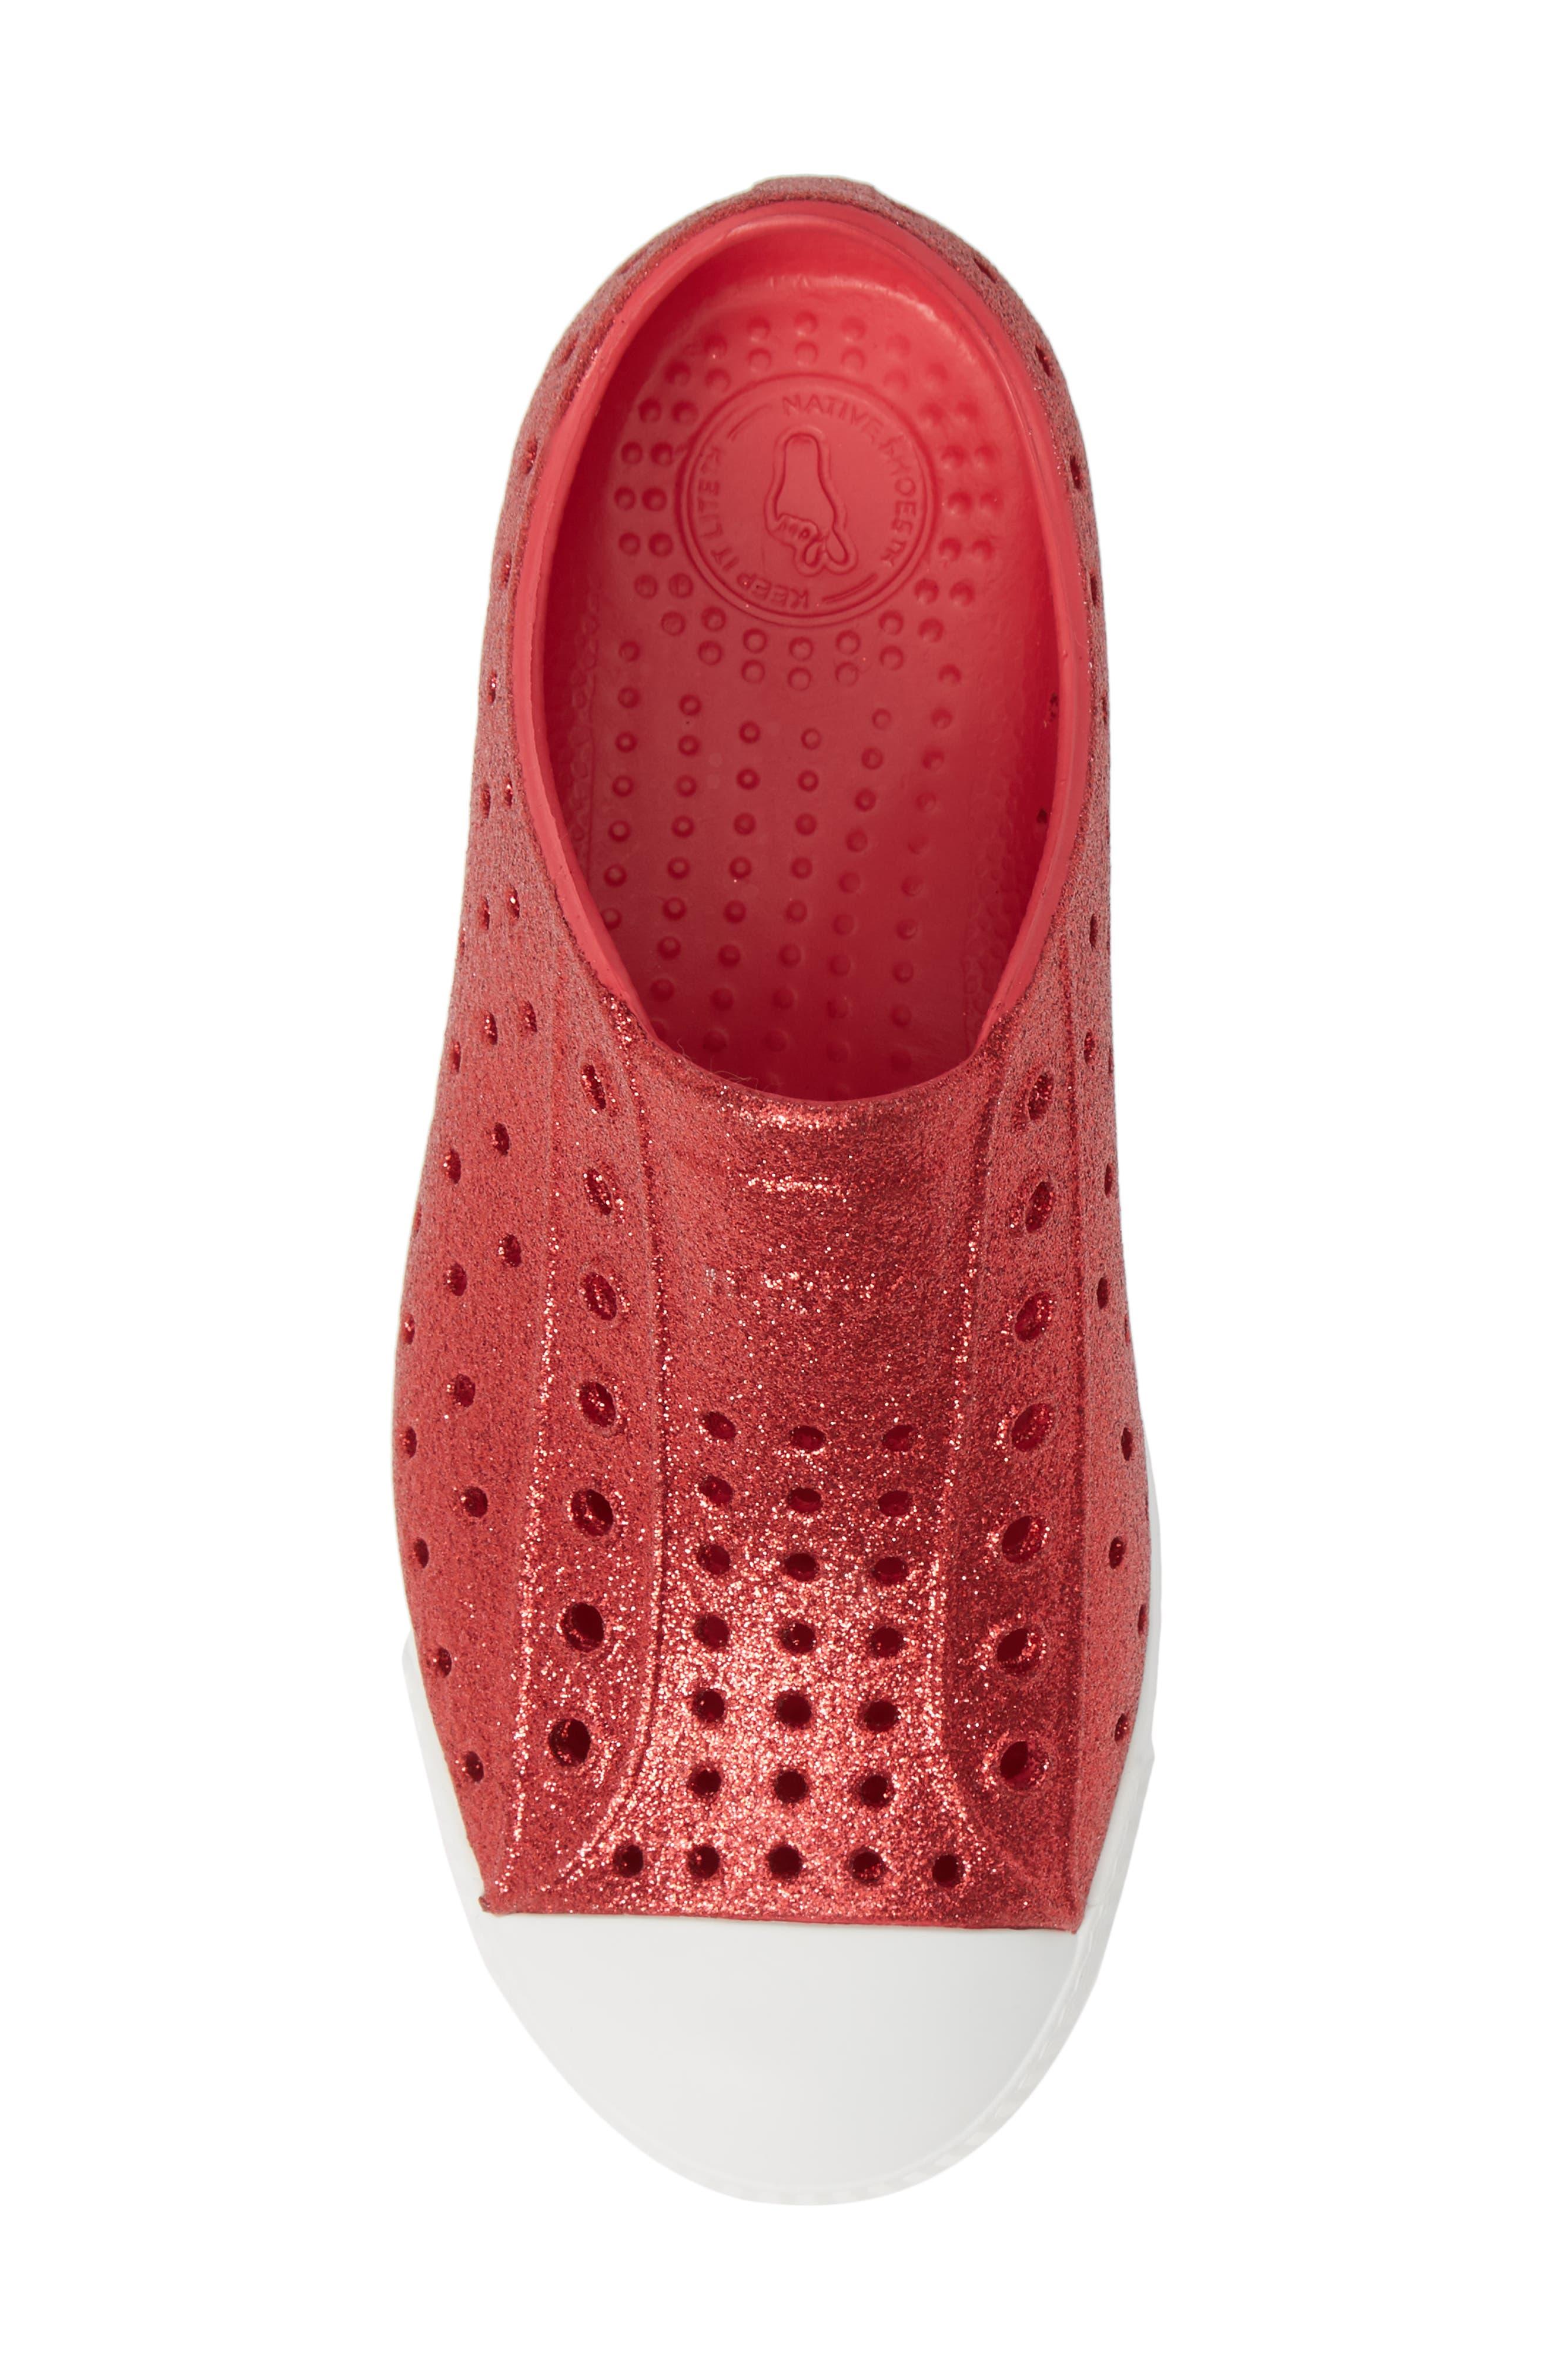 NATIVE SHOES, Jefferson Bling Glitter Slip-On Vegan Sneaker, Alternate thumbnail 5, color, SAKURA BLING/ SHELL WHITE